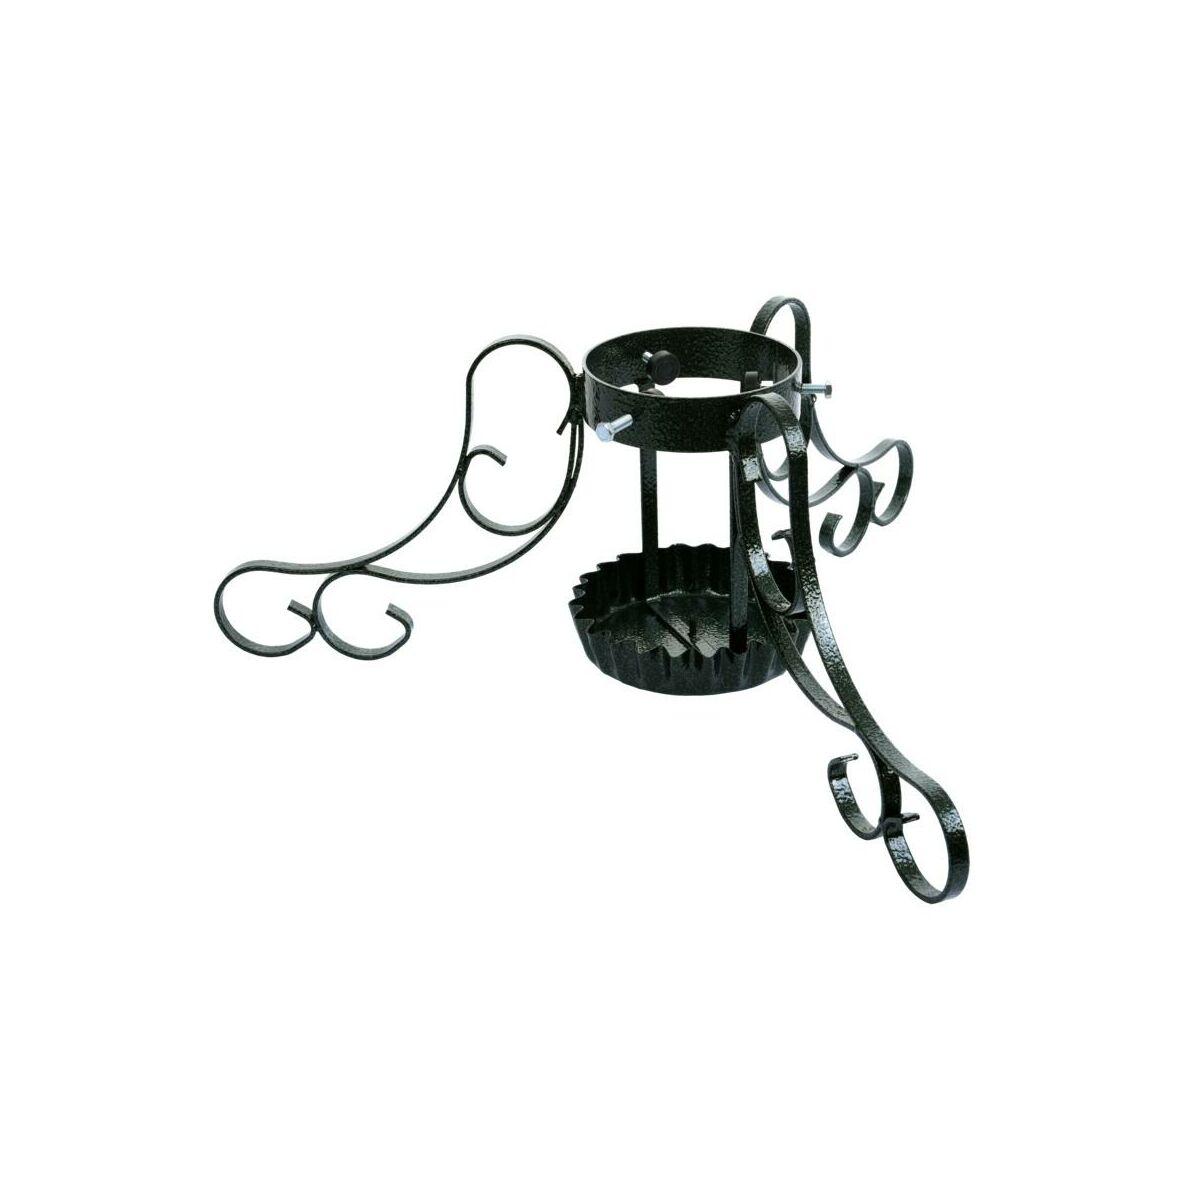 Stojak Na Choinke Retro Plus 65 Cm Metalowy Ze Zbiornikiem Na Wode Stojaki Na Choinke W Atrakcyjnej Cenie W Sklepach Leroy Merlin